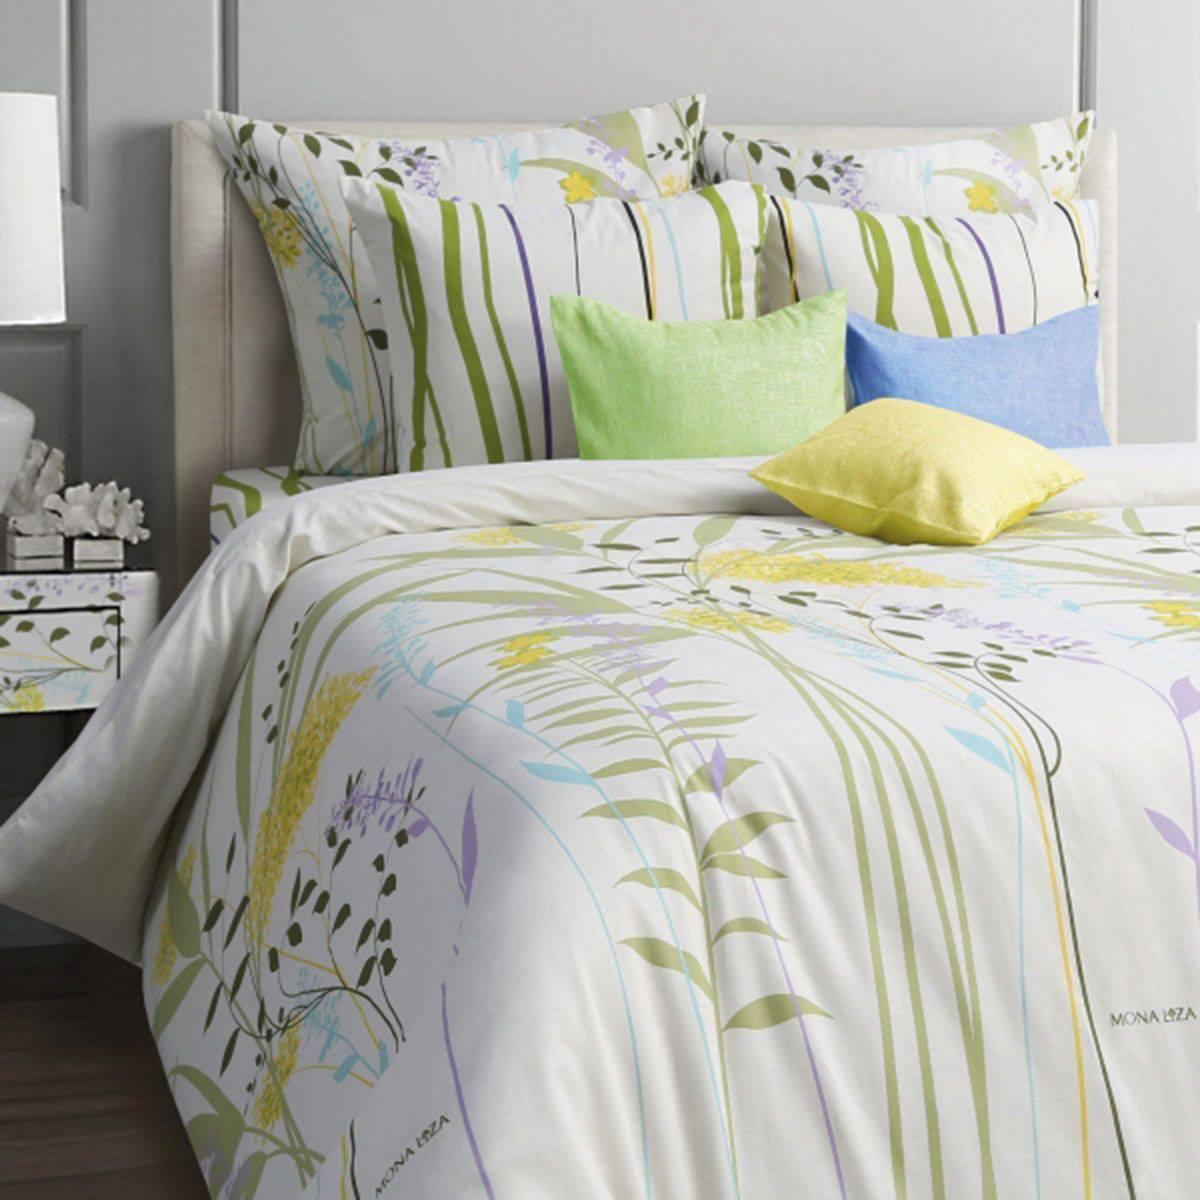 Комплект белья Bamboo (1,5-спальный КПБ, наволочки 70х70)CLP446КПБ 1,5сп (Bamboo) н(2)70*70